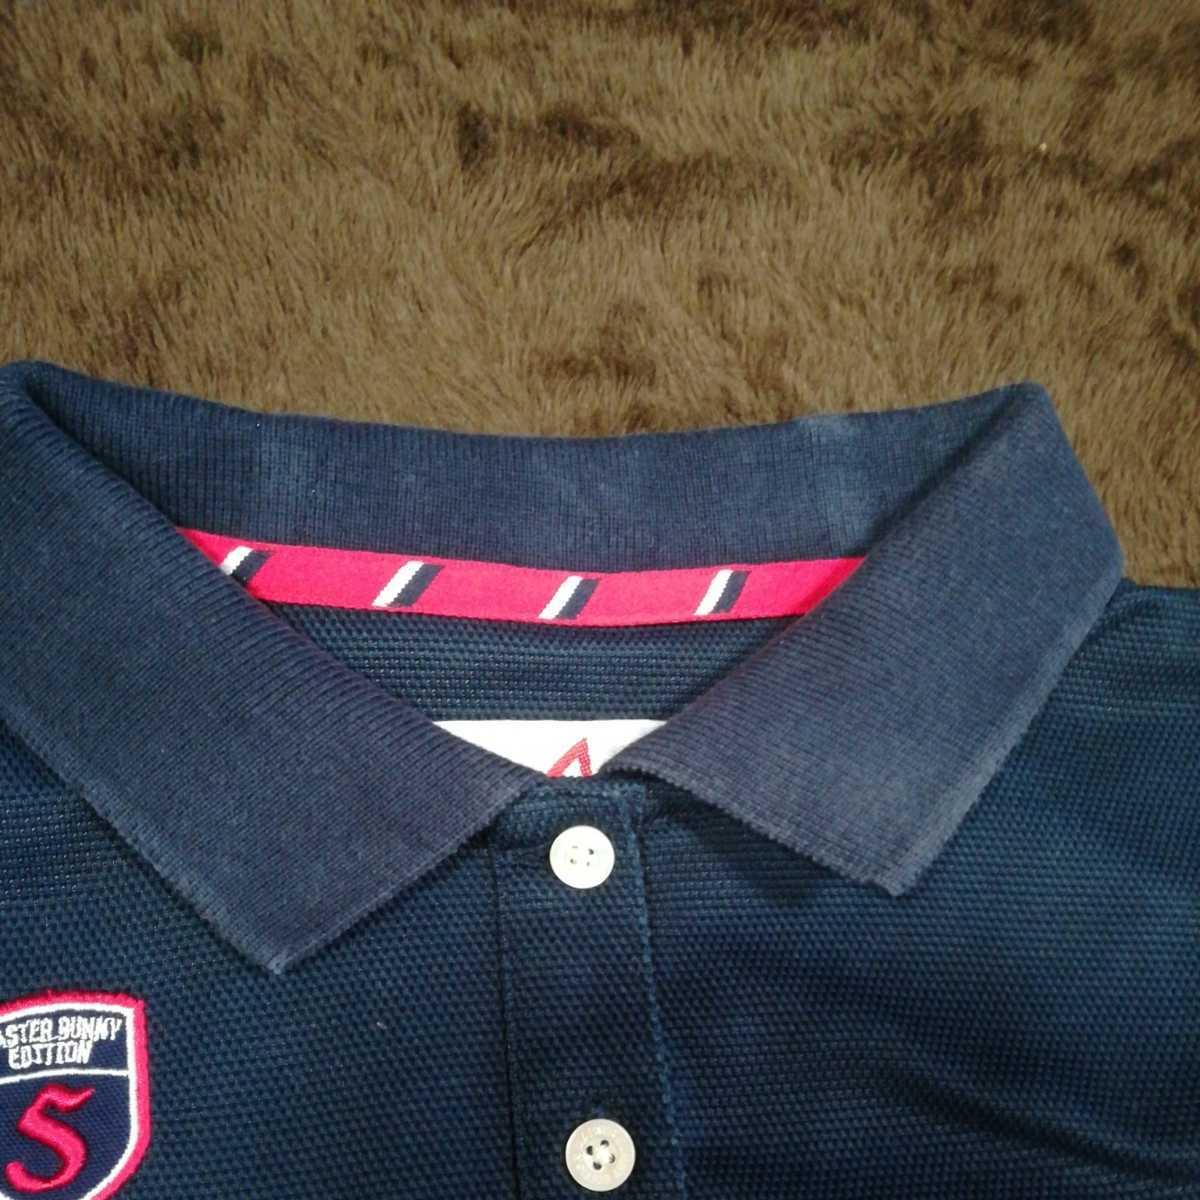 中古 正規品 マスターバニー パーリーゲイツ サイズ2 高品質エアロタッシェ素材 高機能 ポロシャツ 2枚セット 送料無料_画像6